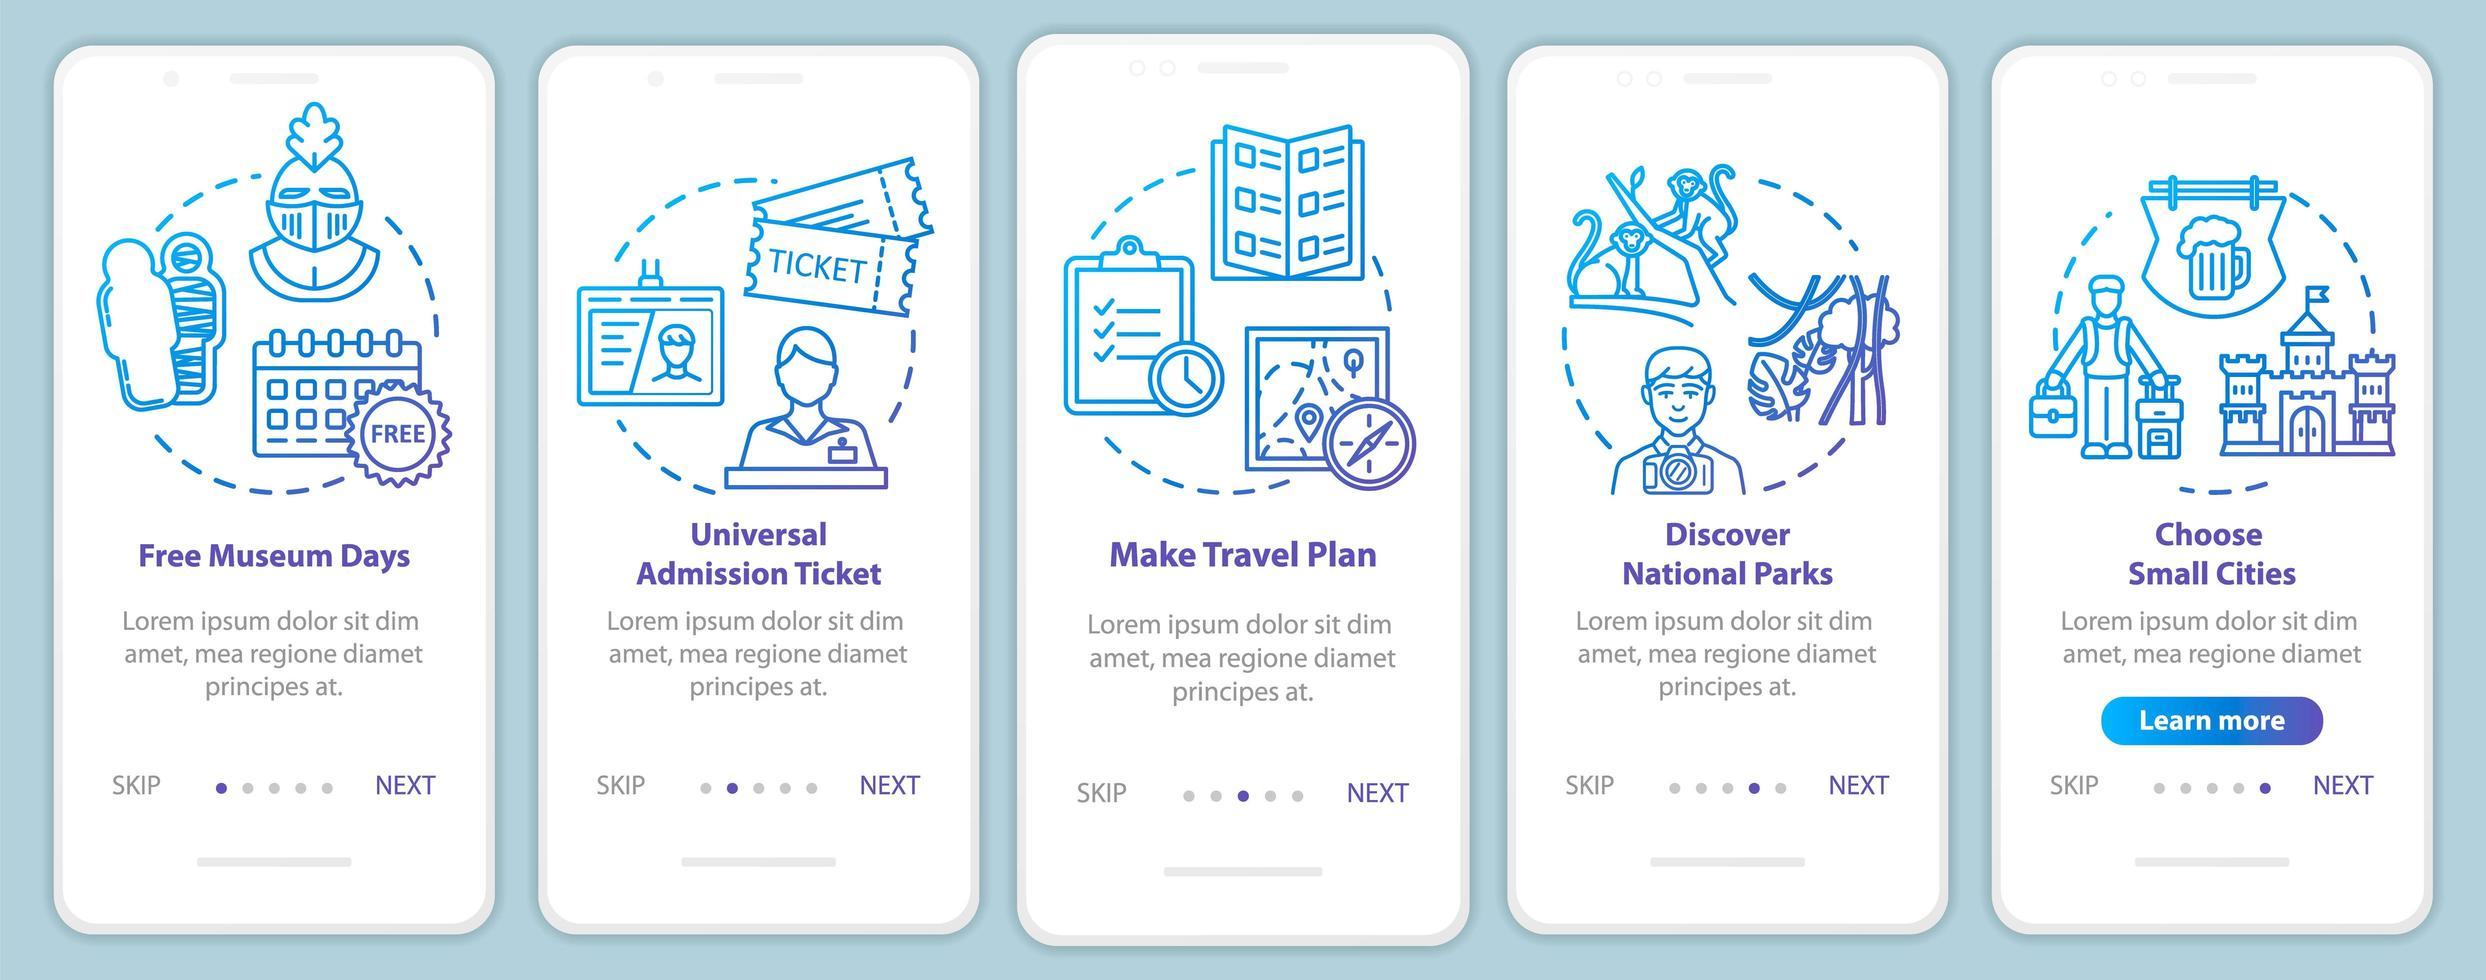 escursioni onboarding schermata della pagina dell'app mobile con concetti. gallerie gratuite. parchi che frequentano. vettore